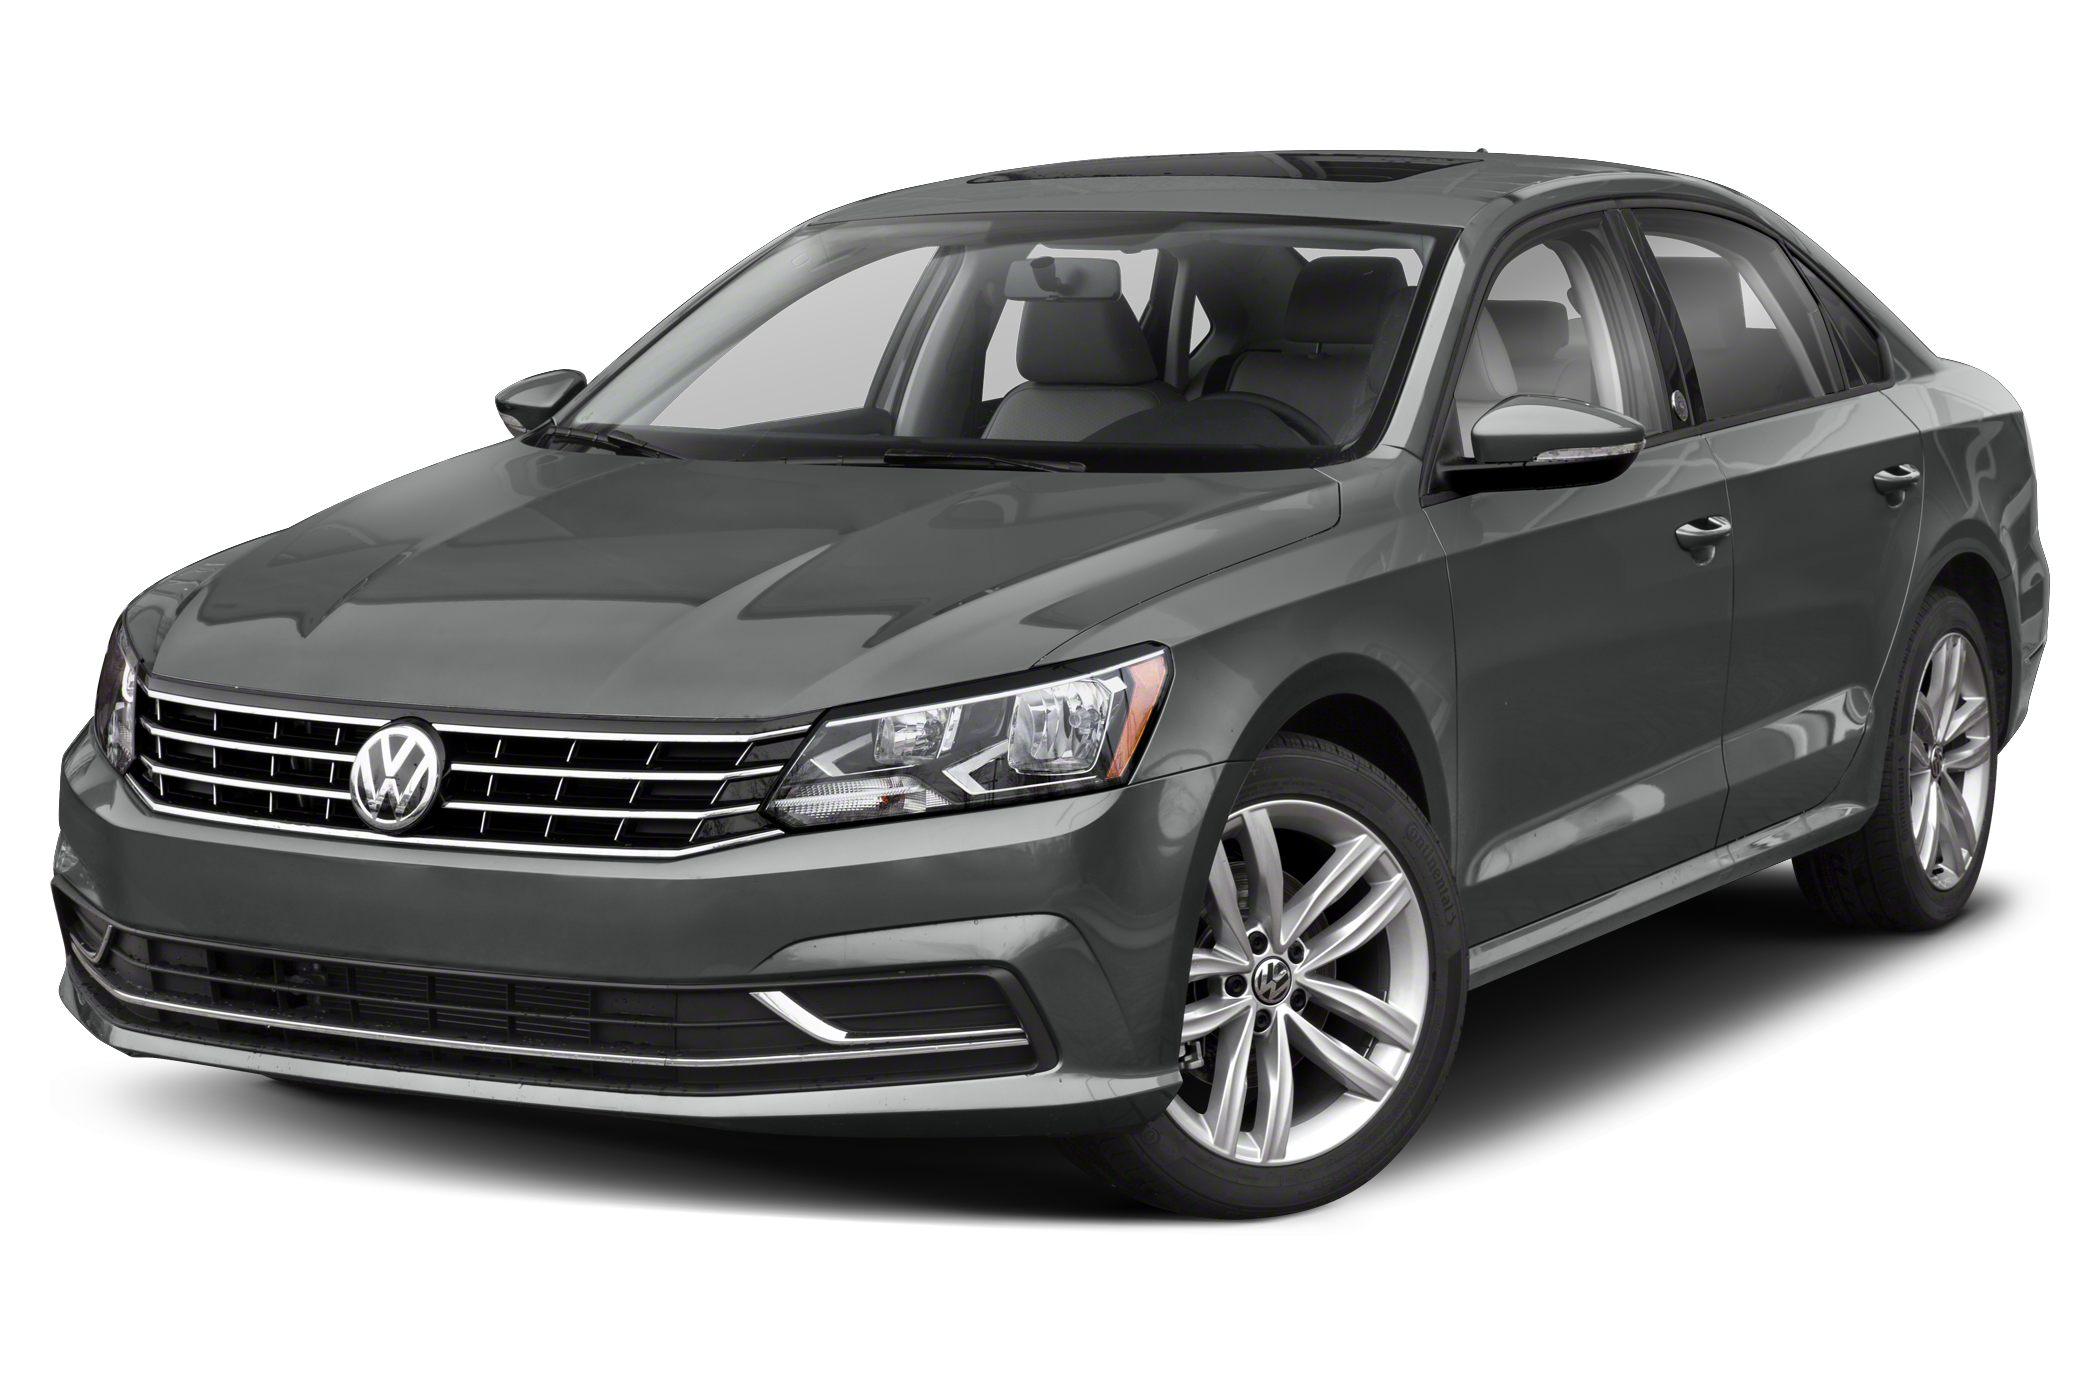 2019 Volkswagen Passat Rebates And Incentives